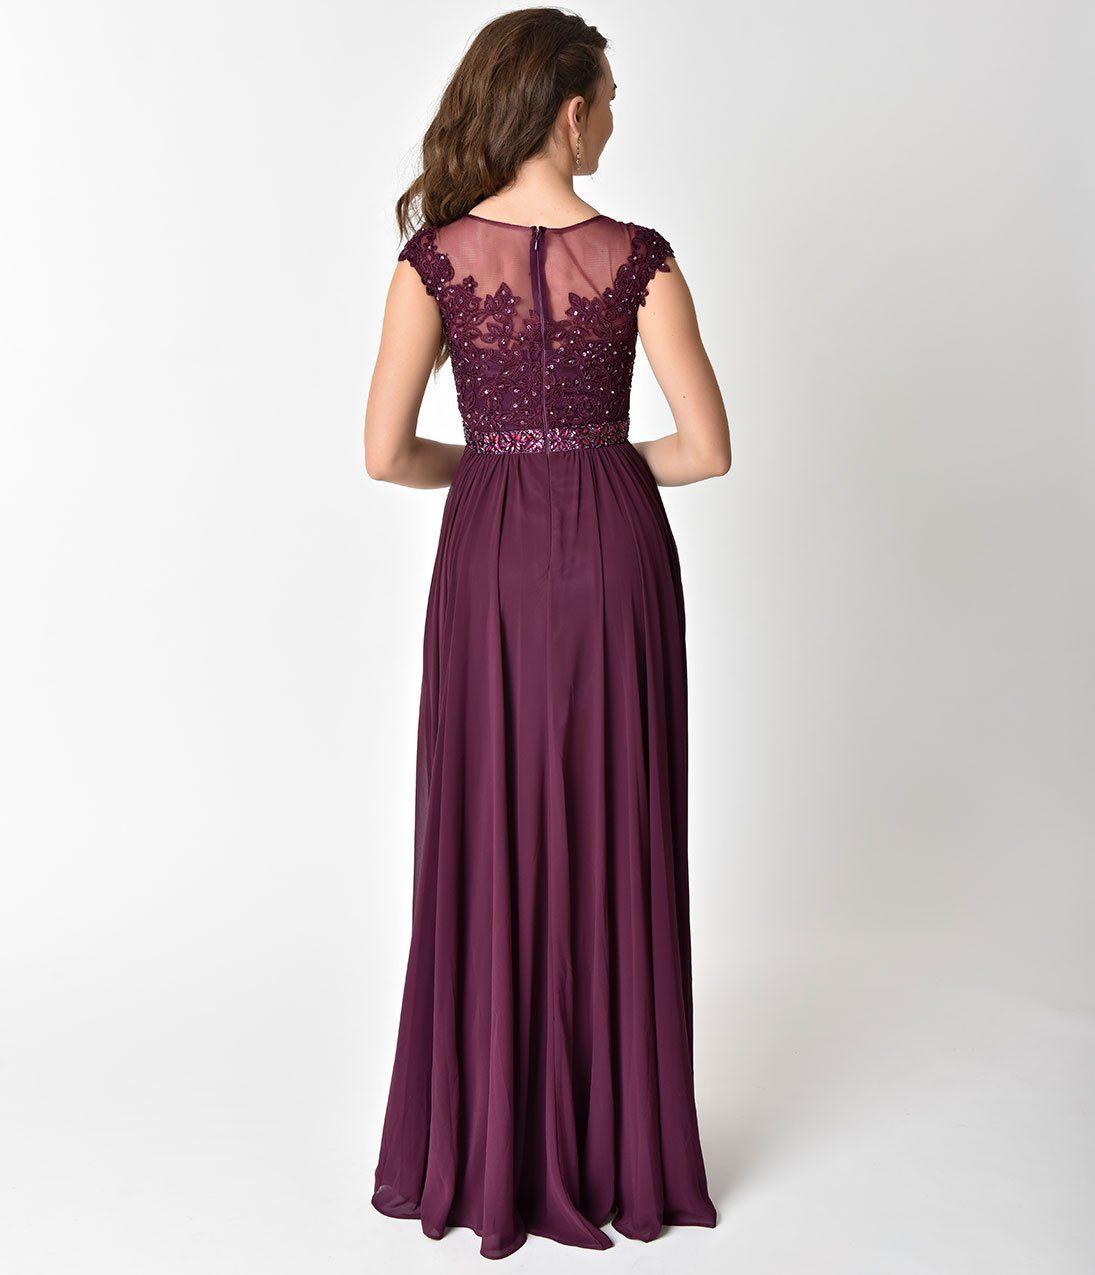 Eggplant Purple Embellished Lace & Chiffon Cap Sleeve Prom